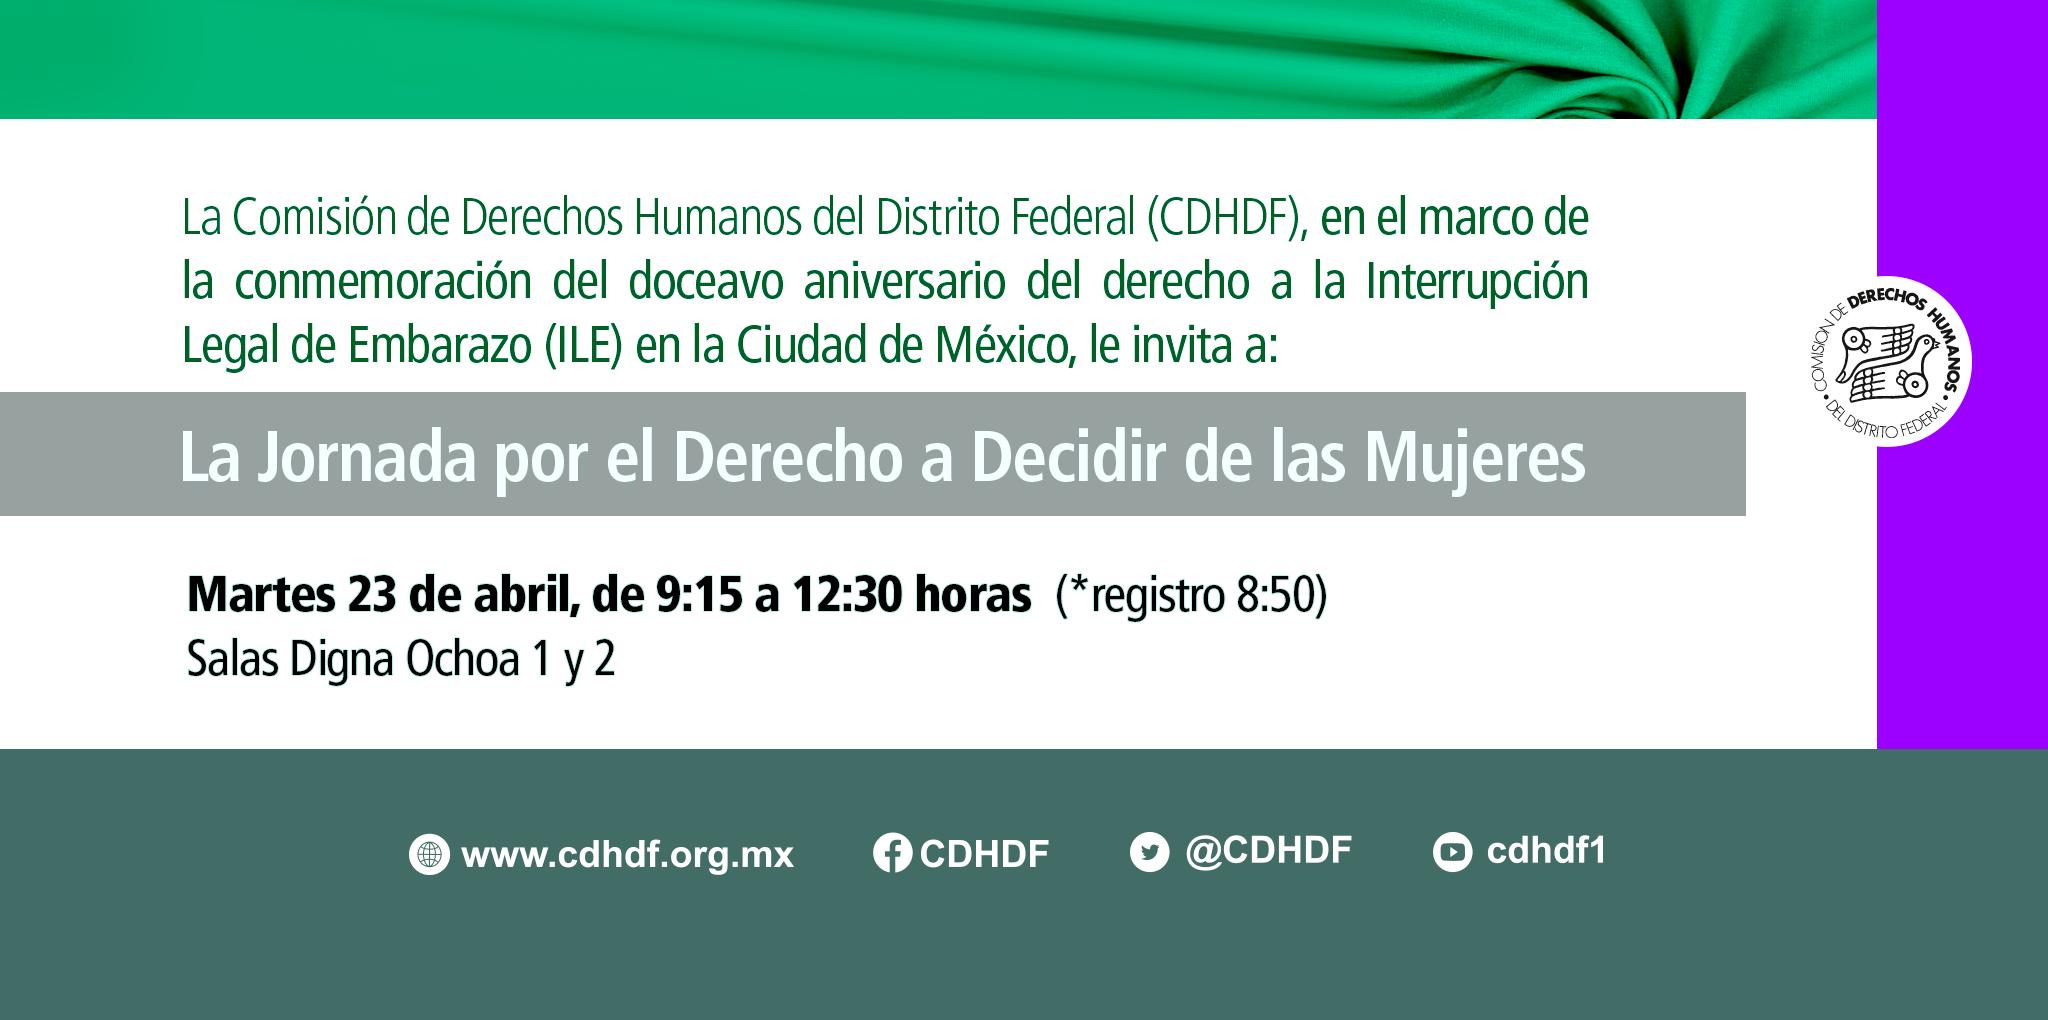 Jornada por el Derecho a Decidir de las Mujeres. @ CDHDF